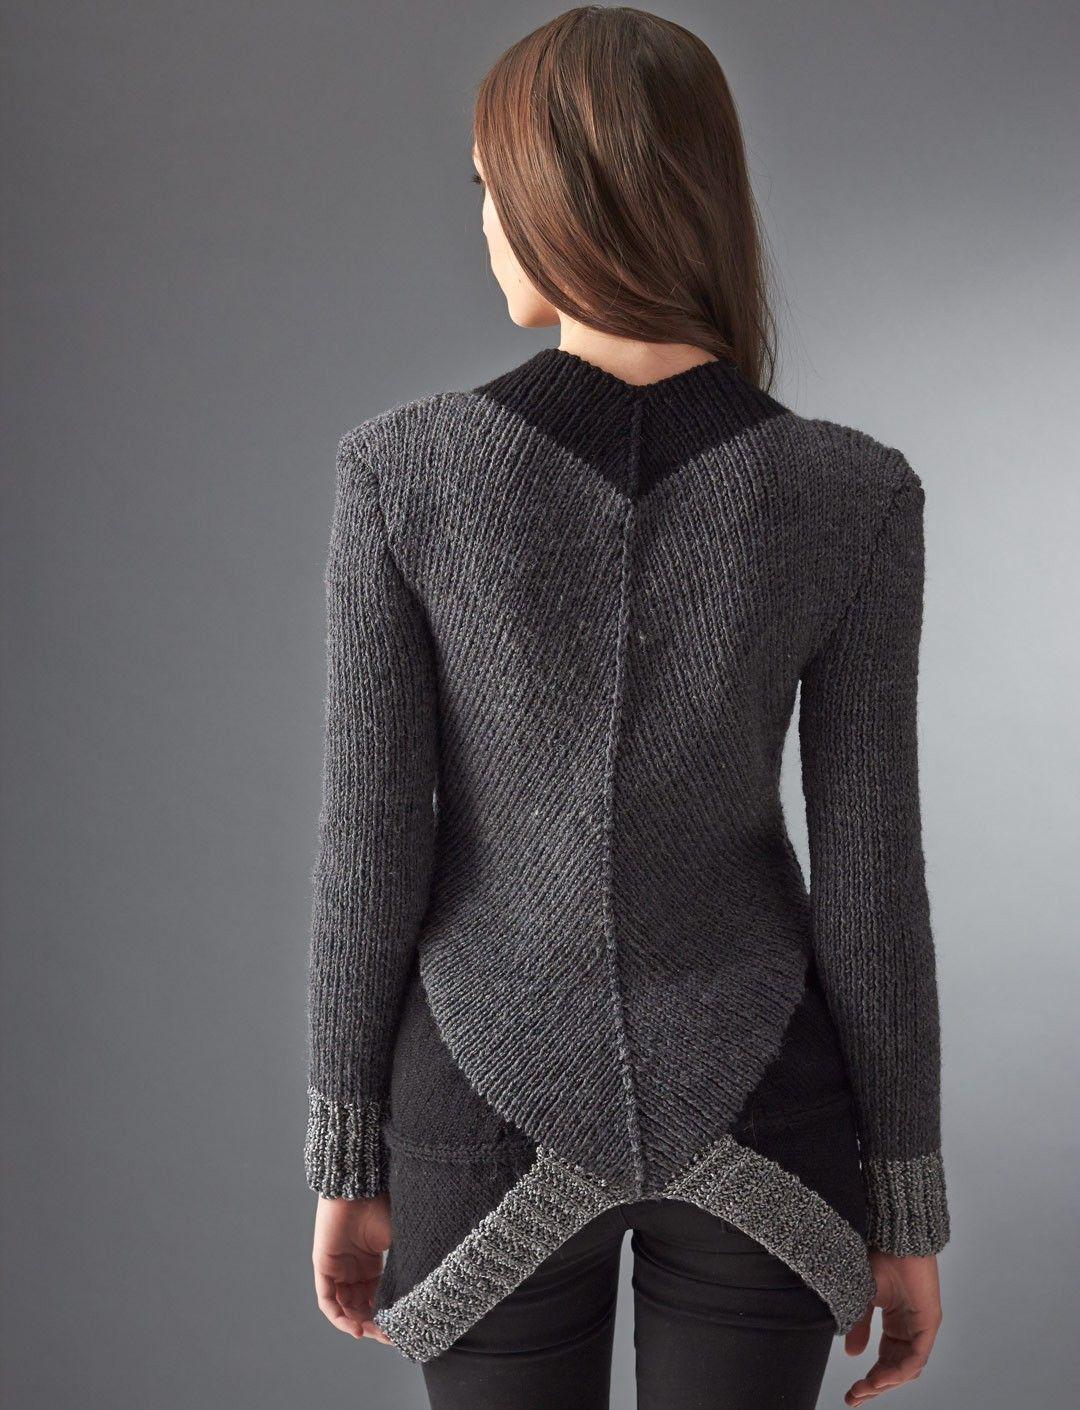 Distrito 12 del suéter - patrones que hacen punto - Patrones | Yarnspirations